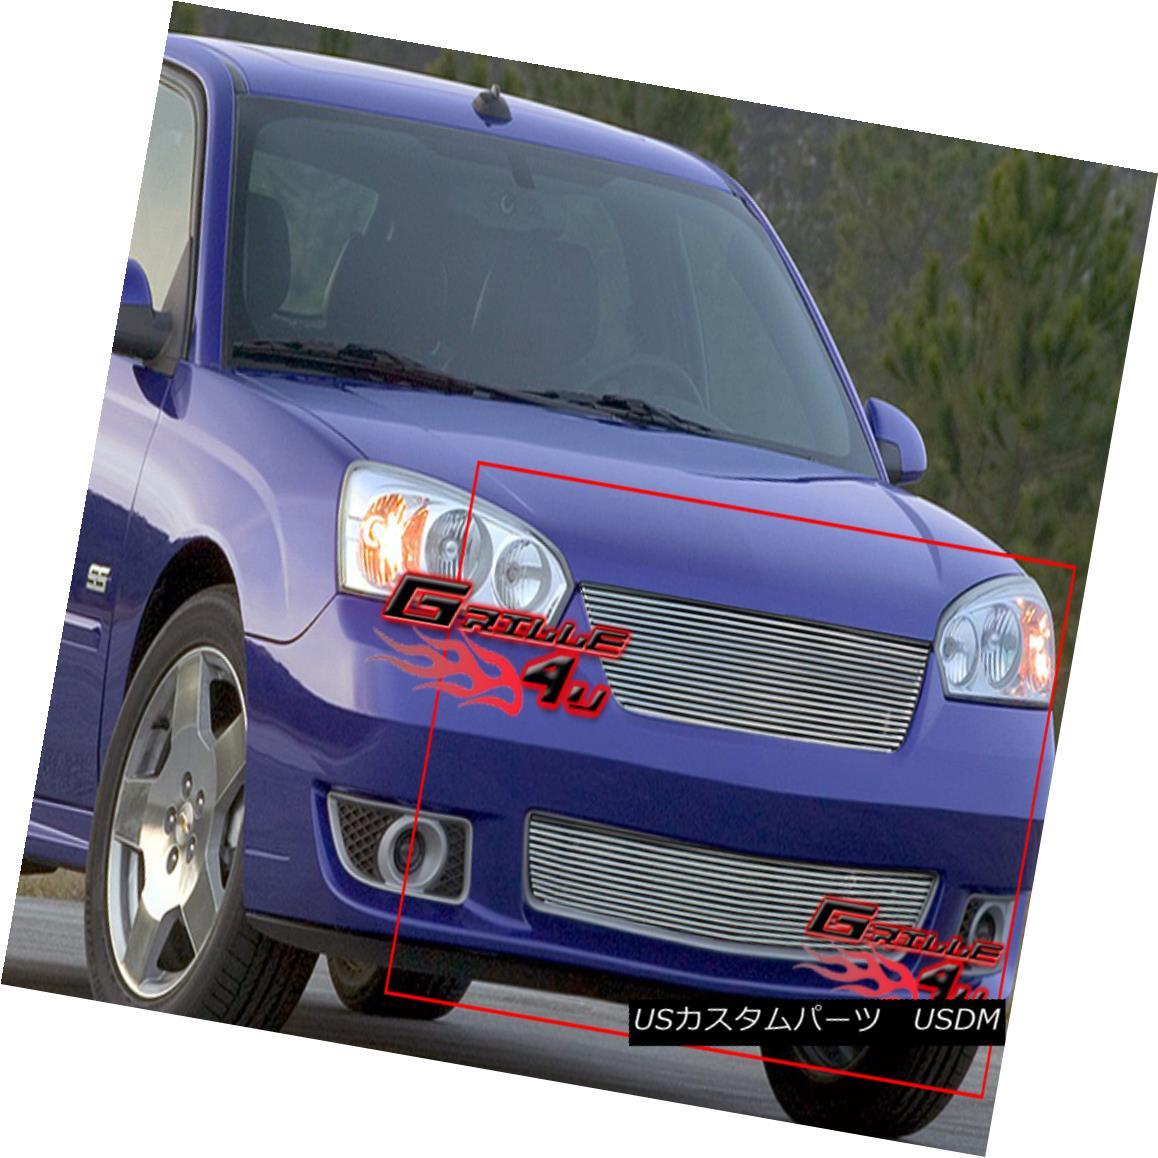 グリル Fits 2006-2007 Chevy Malibu SS/LT/LS Billet Grille Insert 2006-2007 Chevy Malibu SS / LT / LSビレットグリルインサートに適合